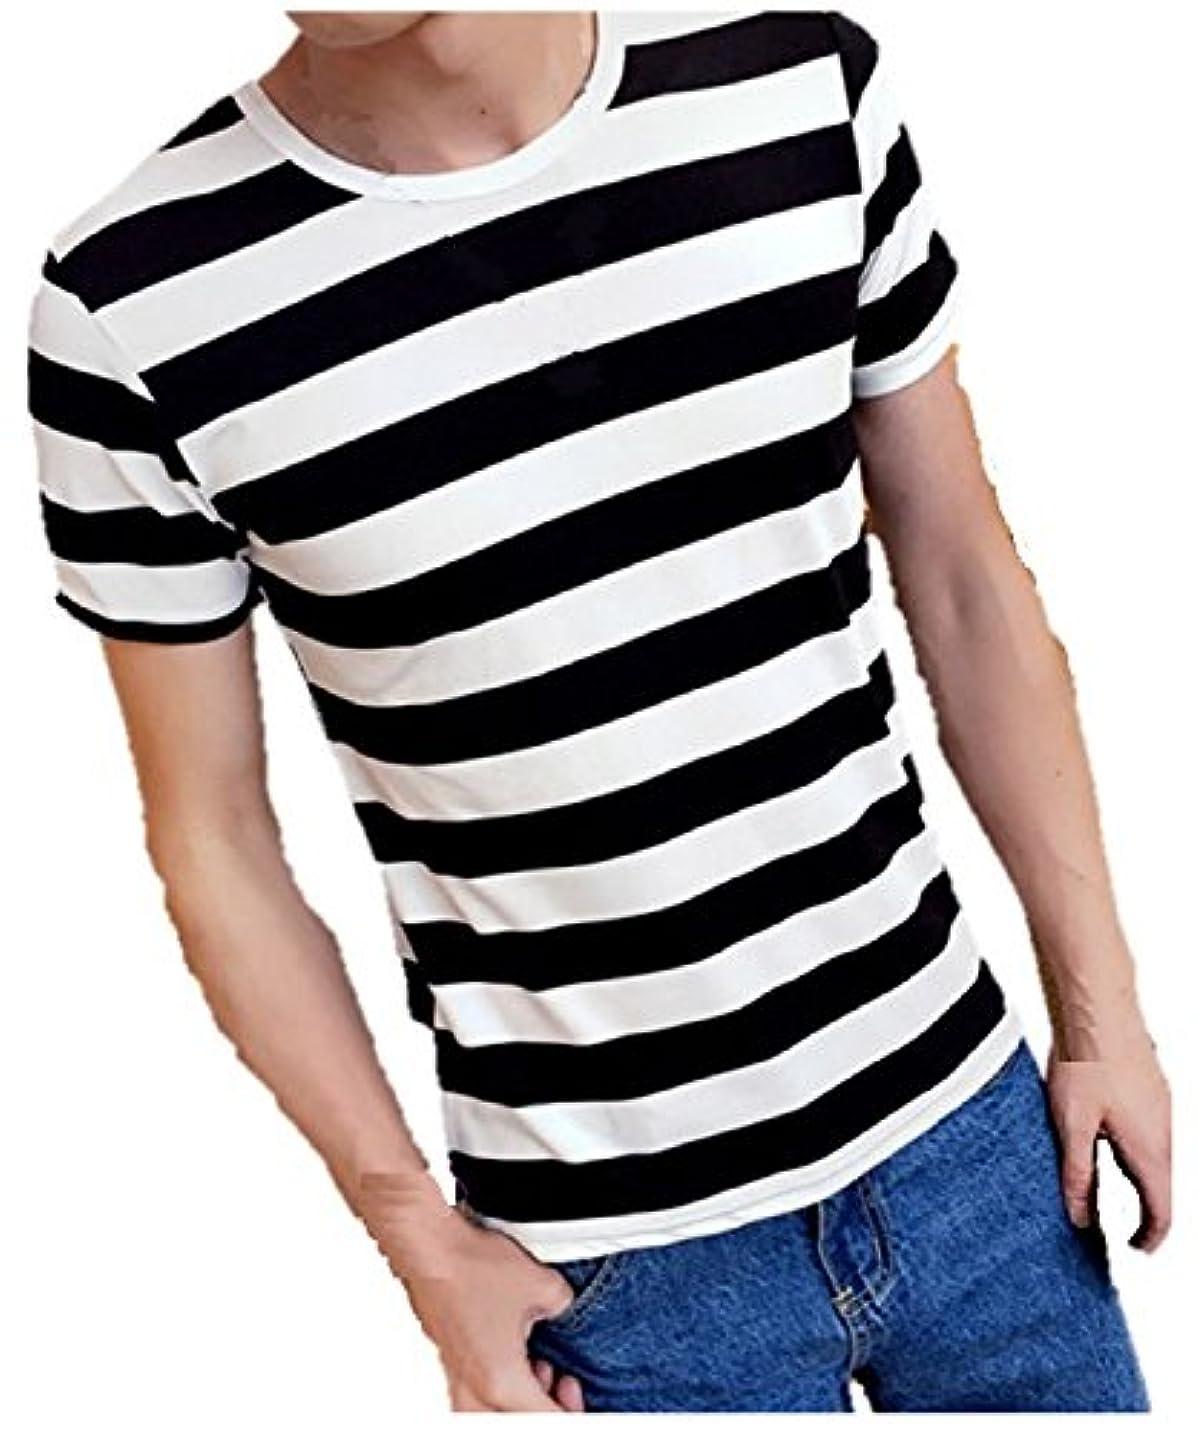 ウォーターフロント領収書つかの間(ボナスティモーロ) Buona stimolo メンズ Tシャツ 半袖 マリン ボーダー 柄 クルーネック 丸首 カットソー